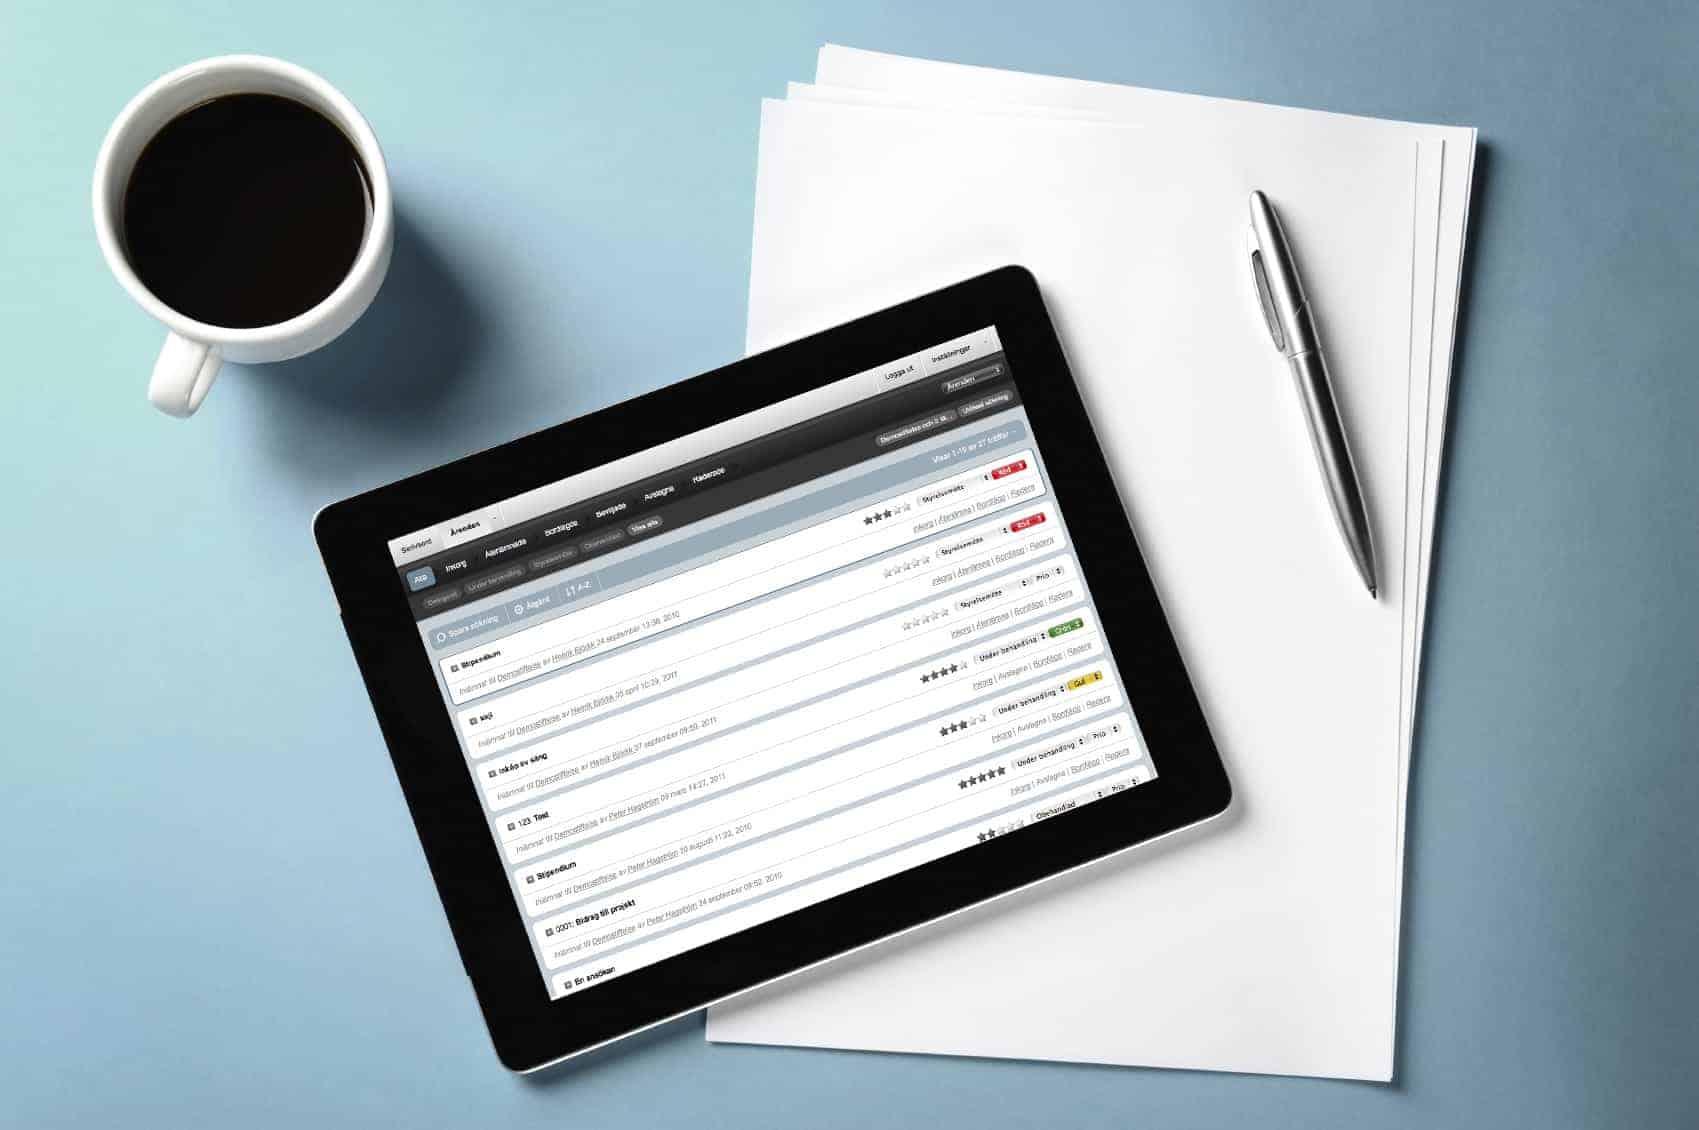 Ledande ansökningssystem snart i ny version